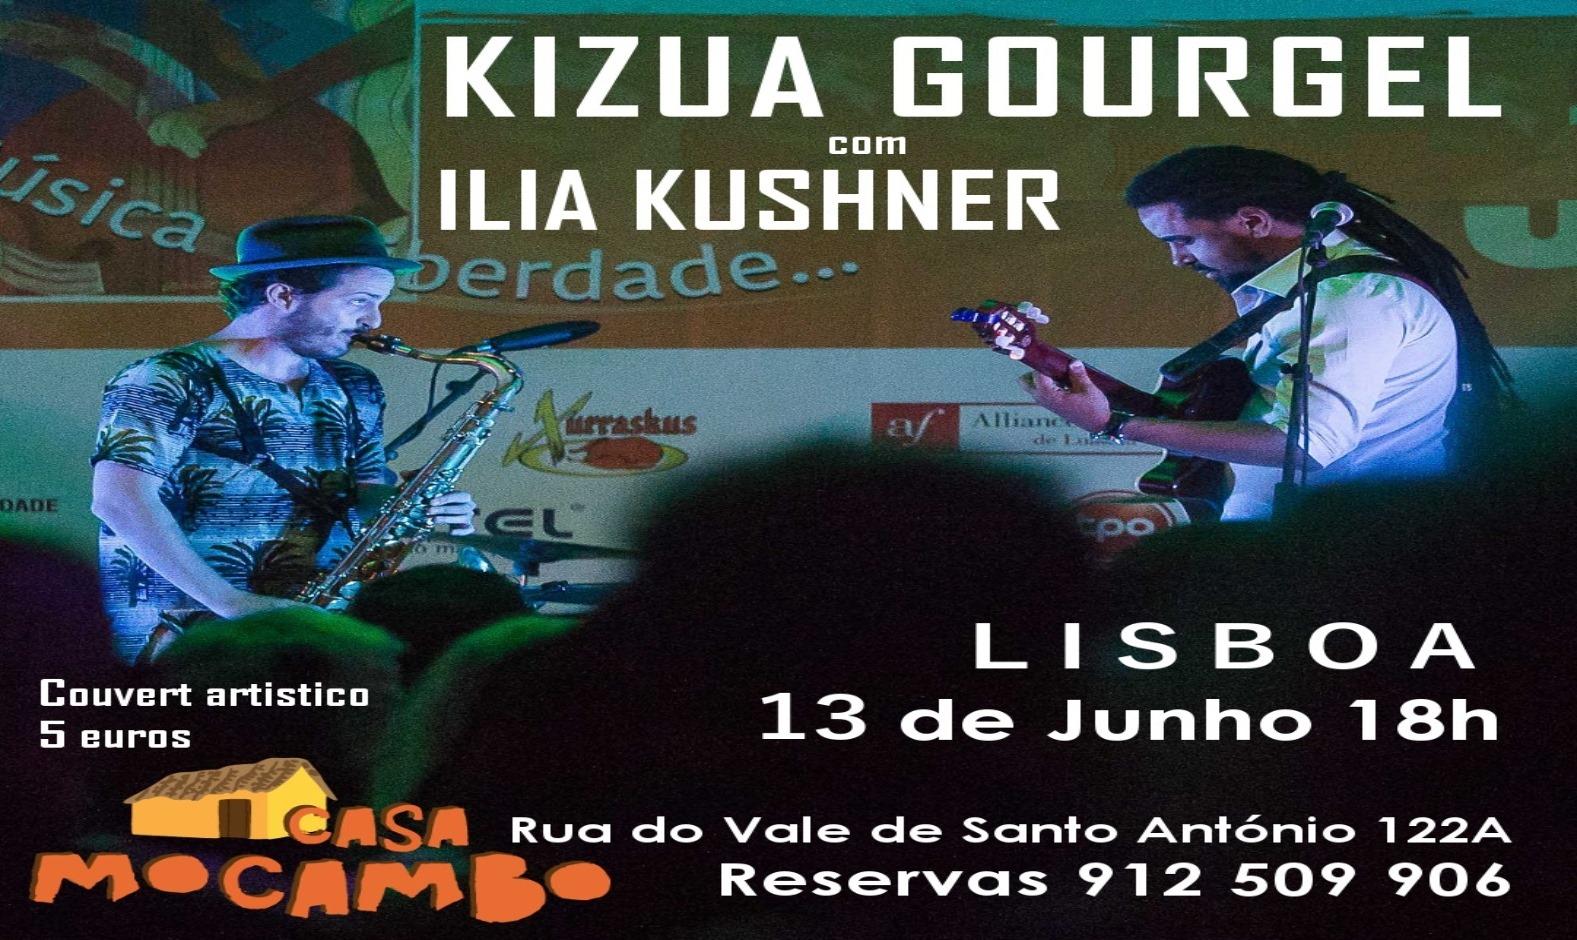 Petiscos de Santo António com Kizua Gourgel e Ilia Kushner